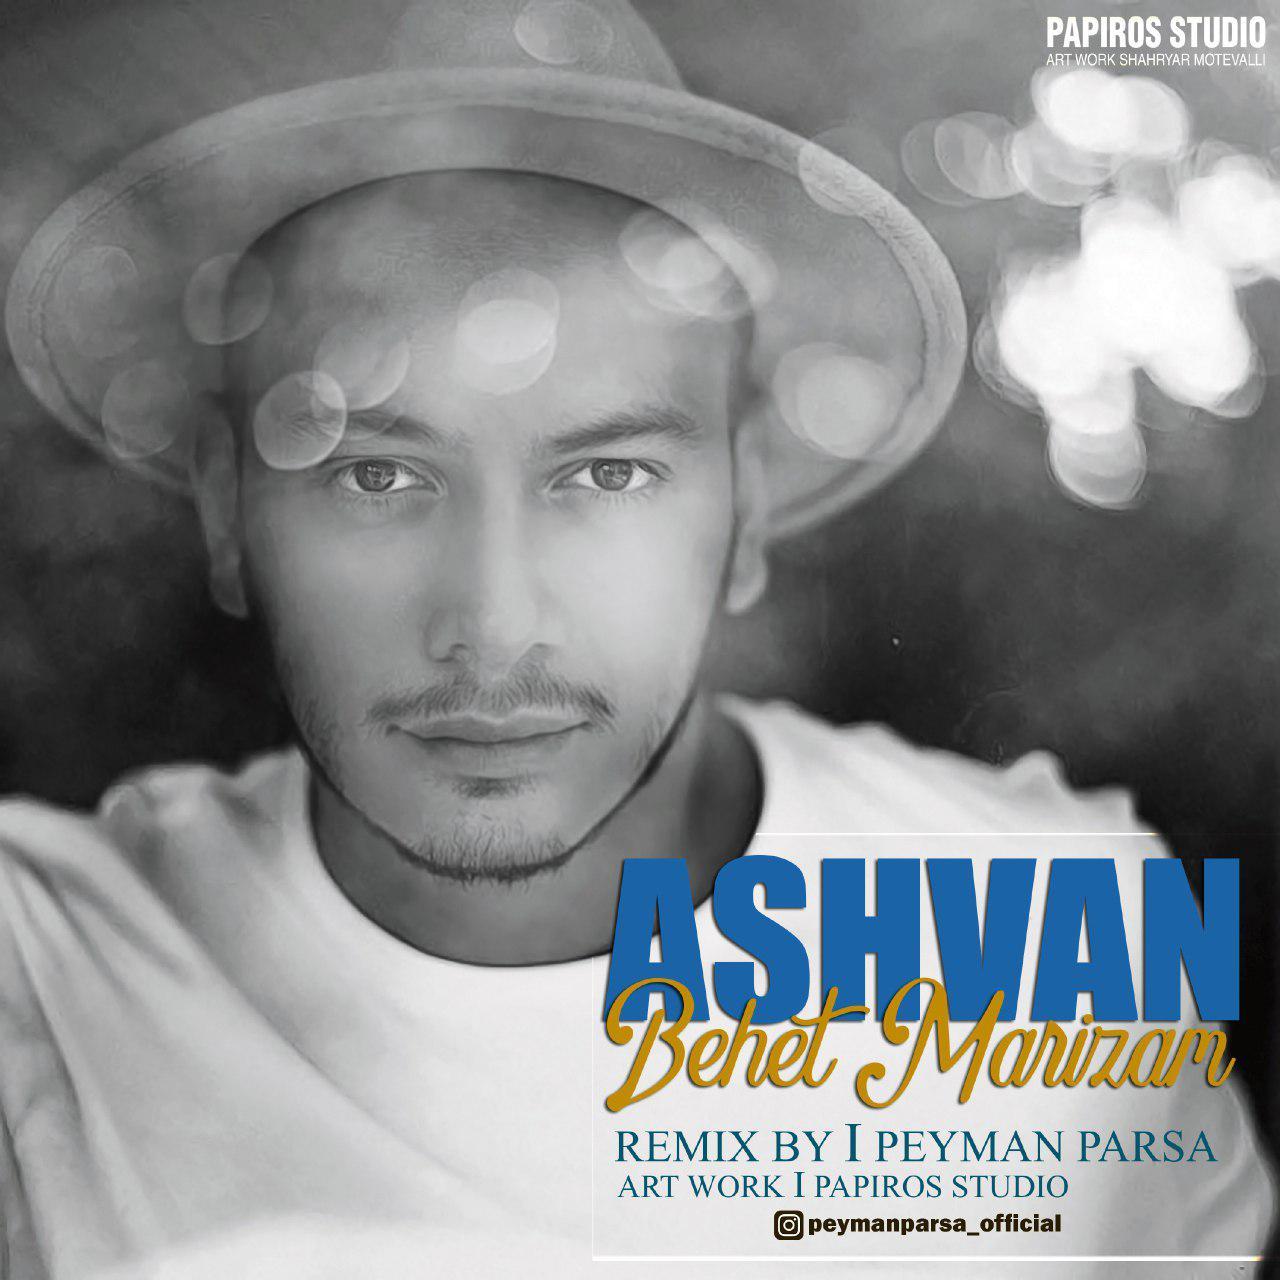 Ashvan – Behet Marizam (Peyman Parsa Remix)